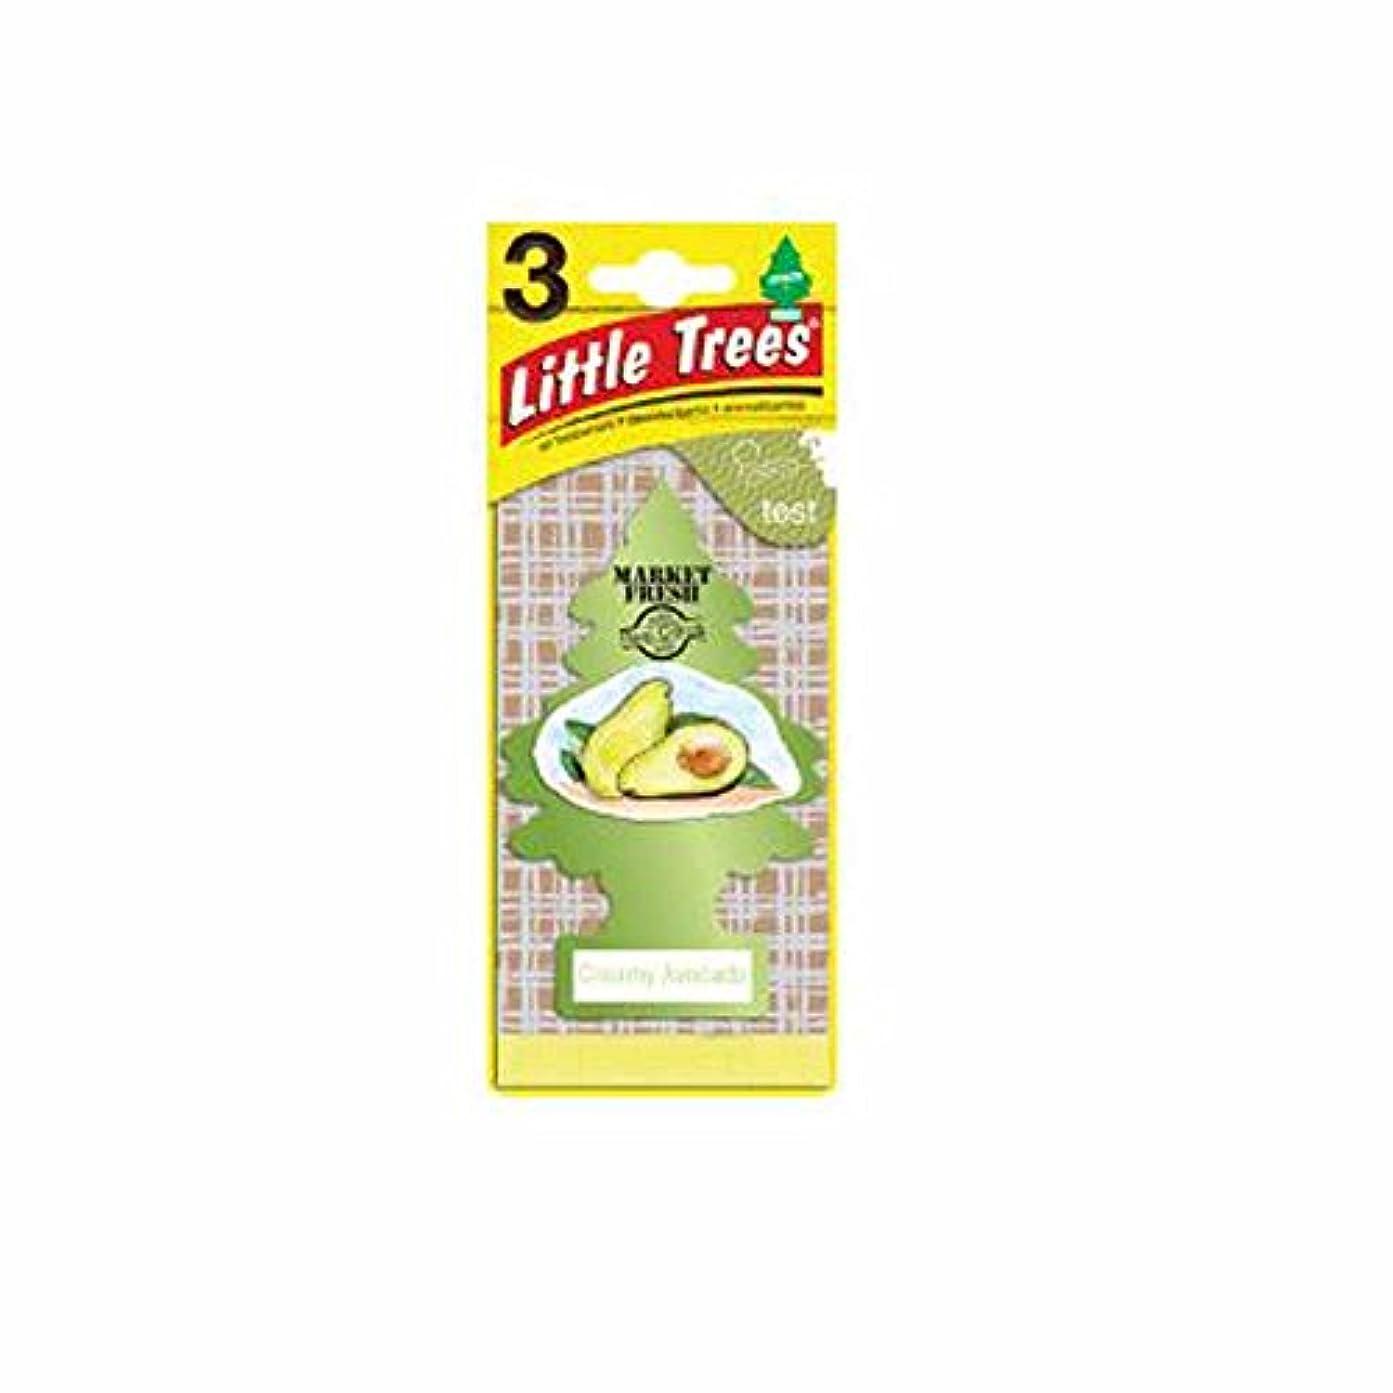 チャネルネックレット威信Little Trees 吊下げタイプ エアーフレッシュナー creamy avocado(クリーミーアボカド) 3枚セット(3P) U3S-37340